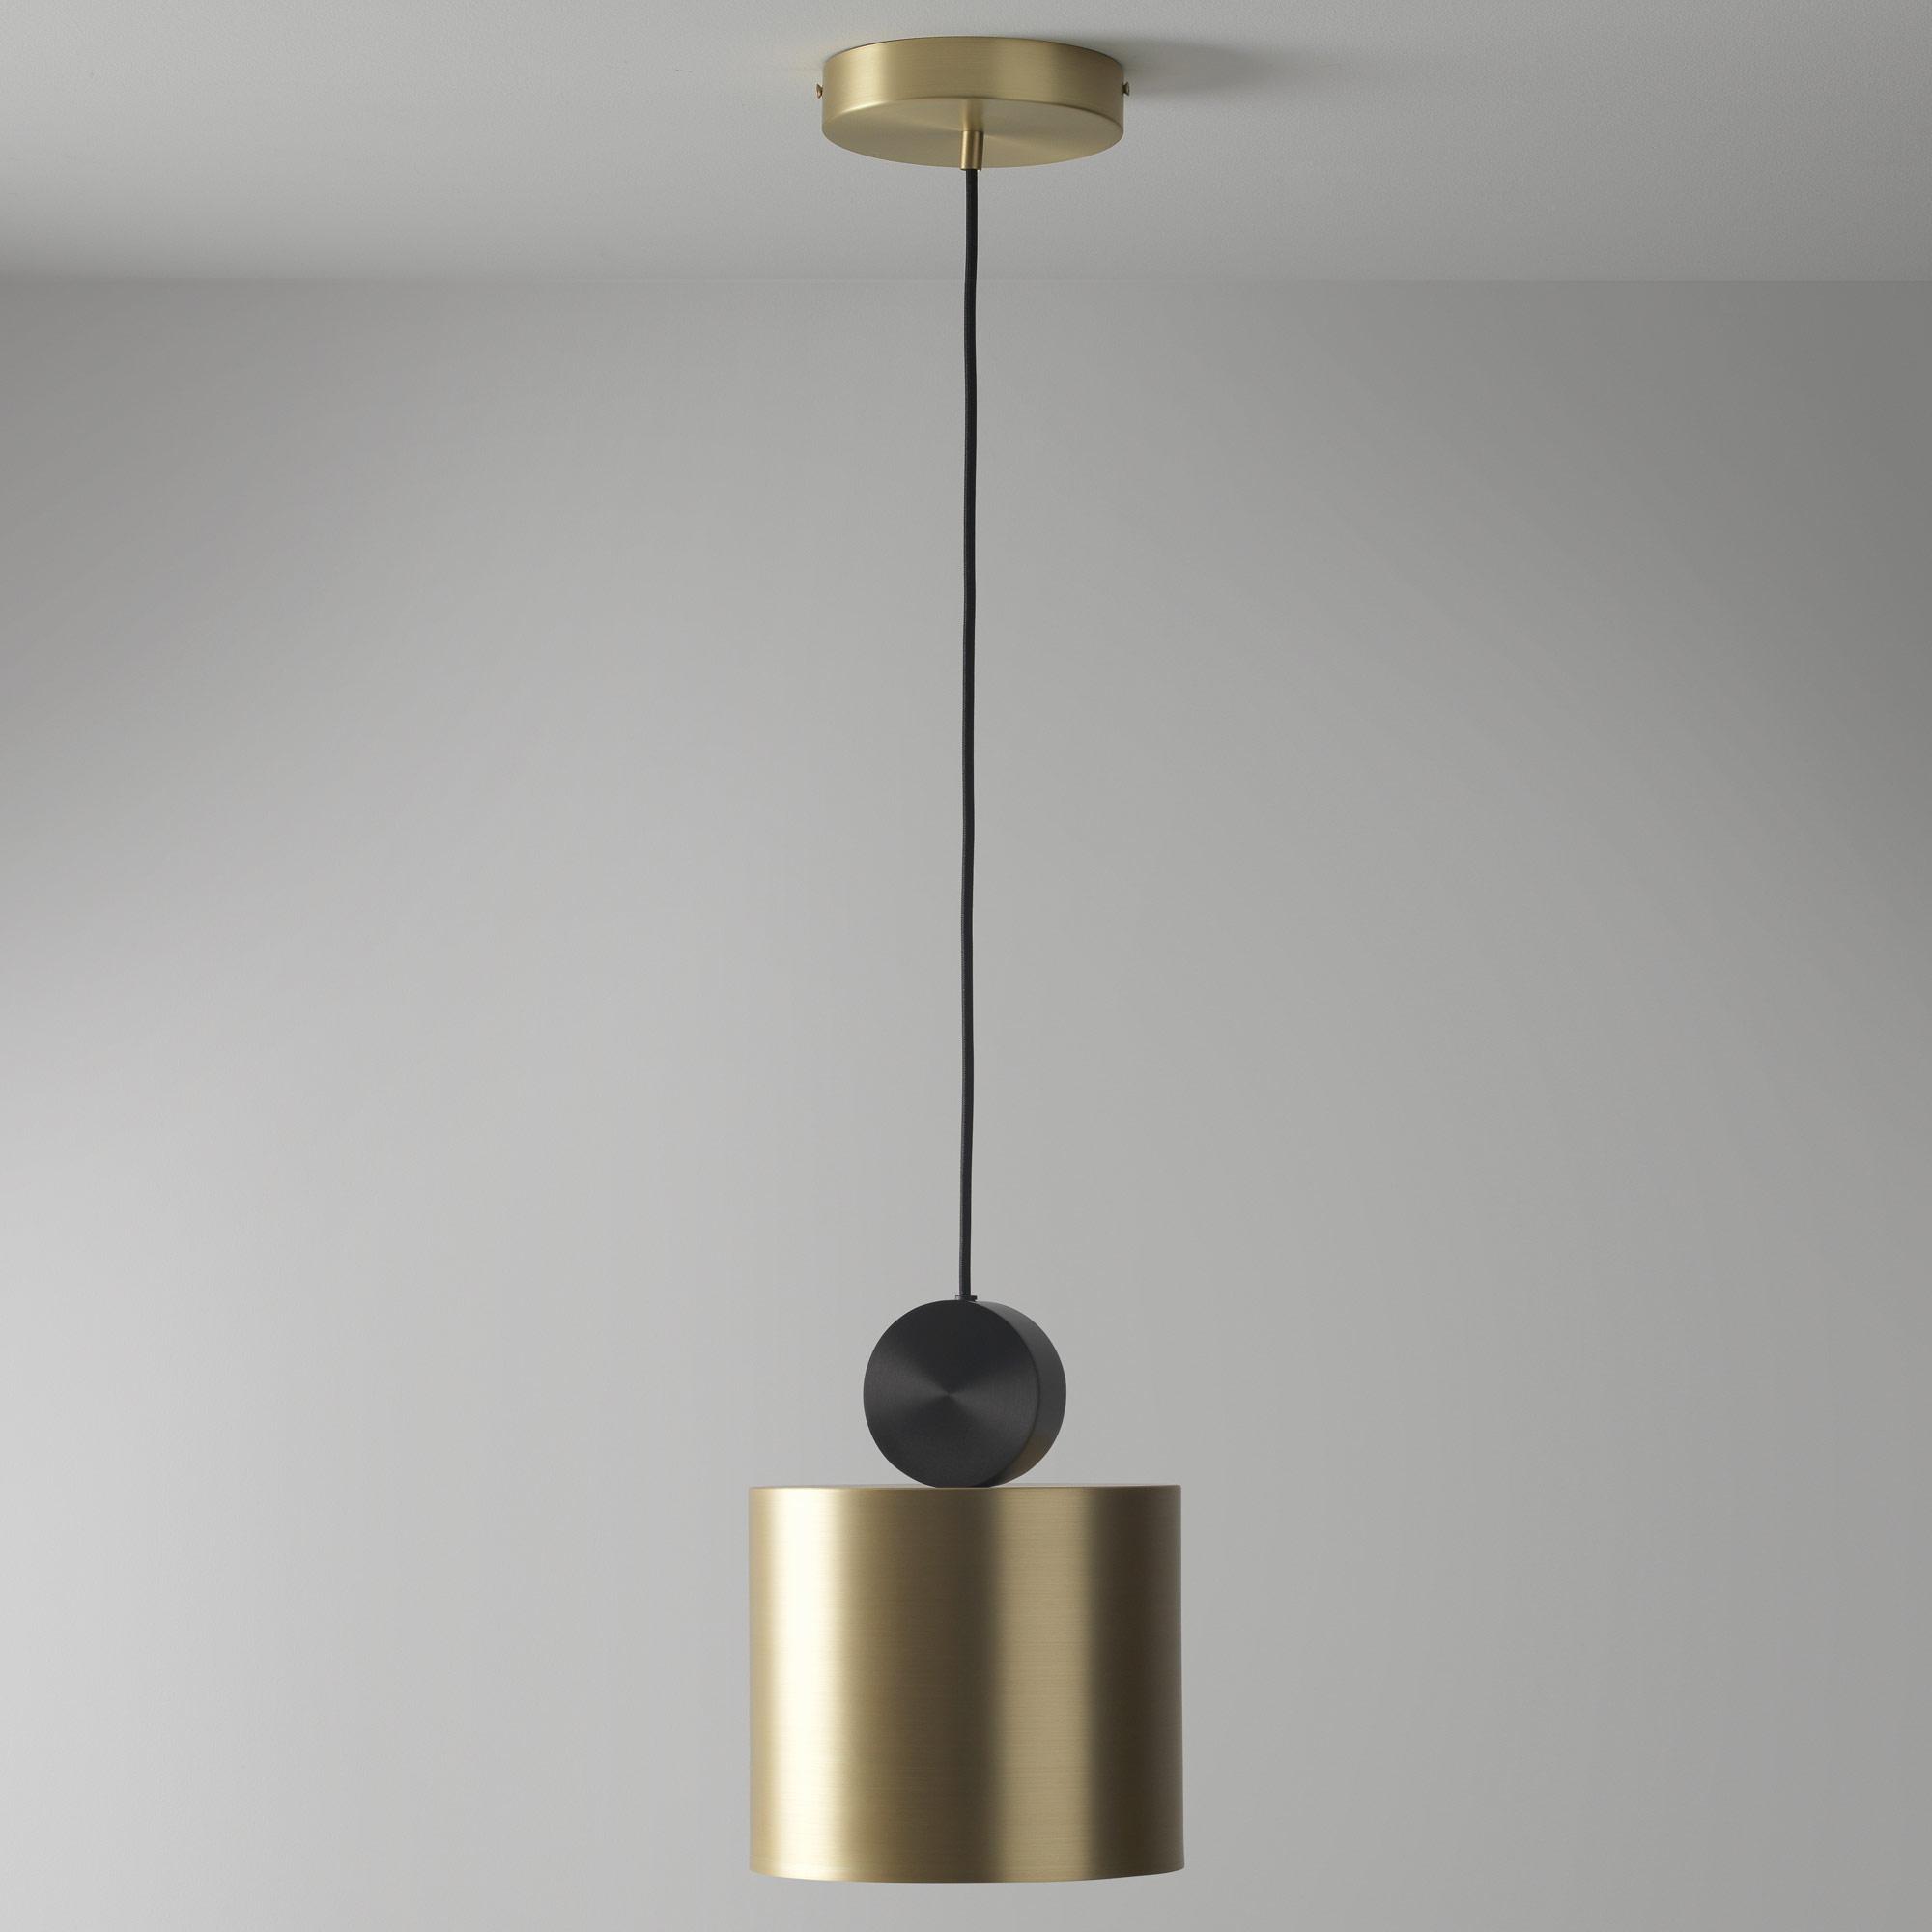 Подвесной светодиодный светильник LUSTRAM Calée 23 CALE PENDANT V2 23, LED, матовое золото, черный, металл - фото 1